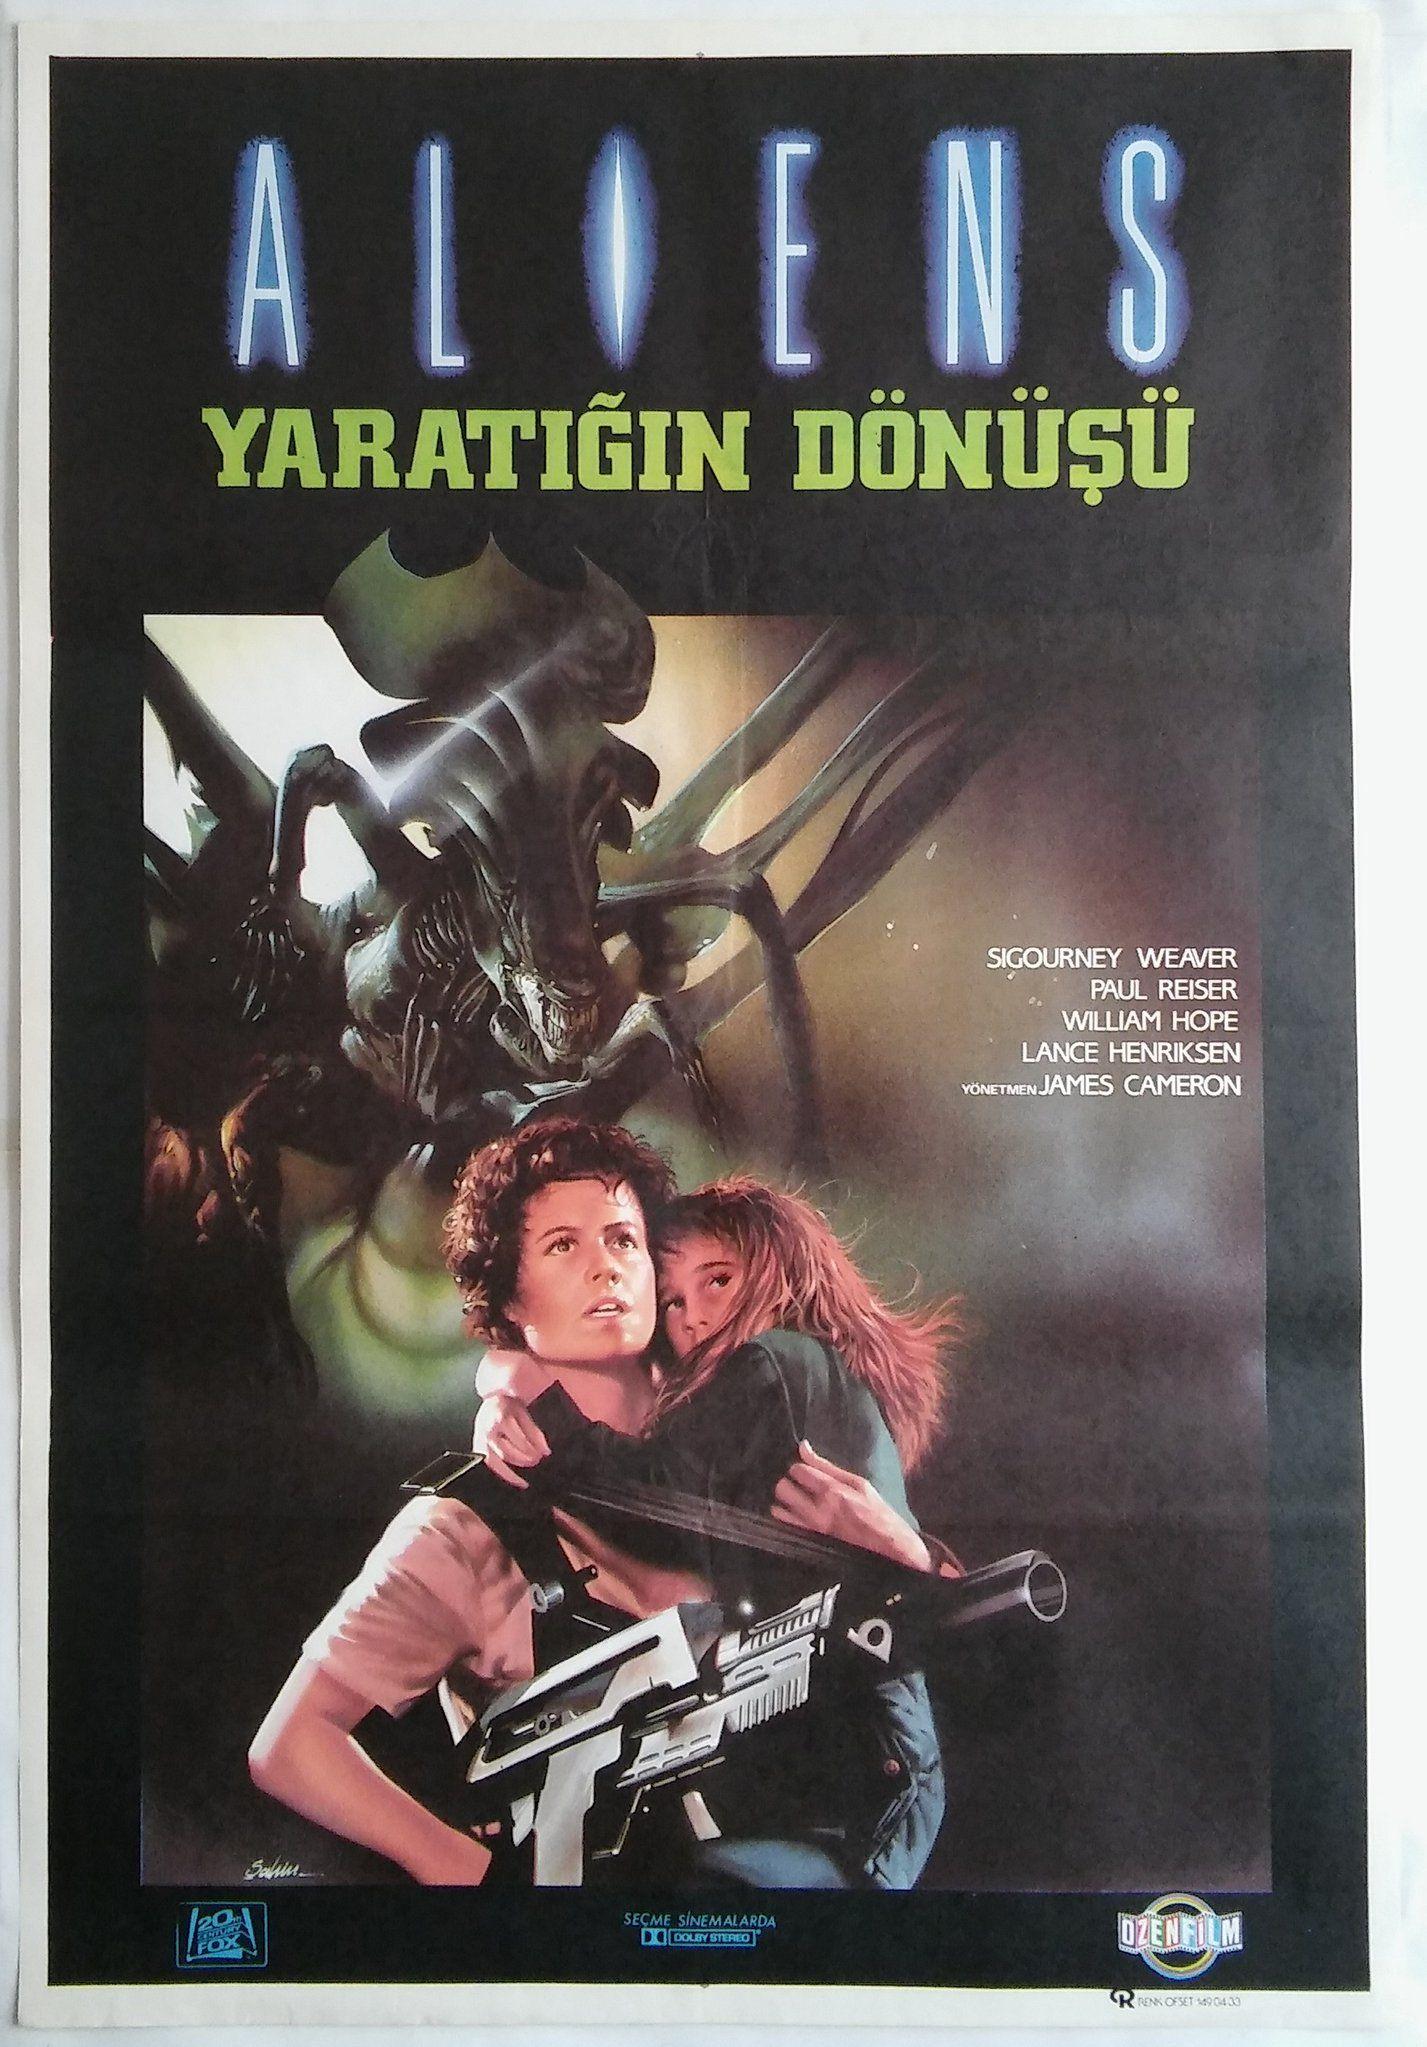 Aliens (1986) via Turkey Libros, Compras